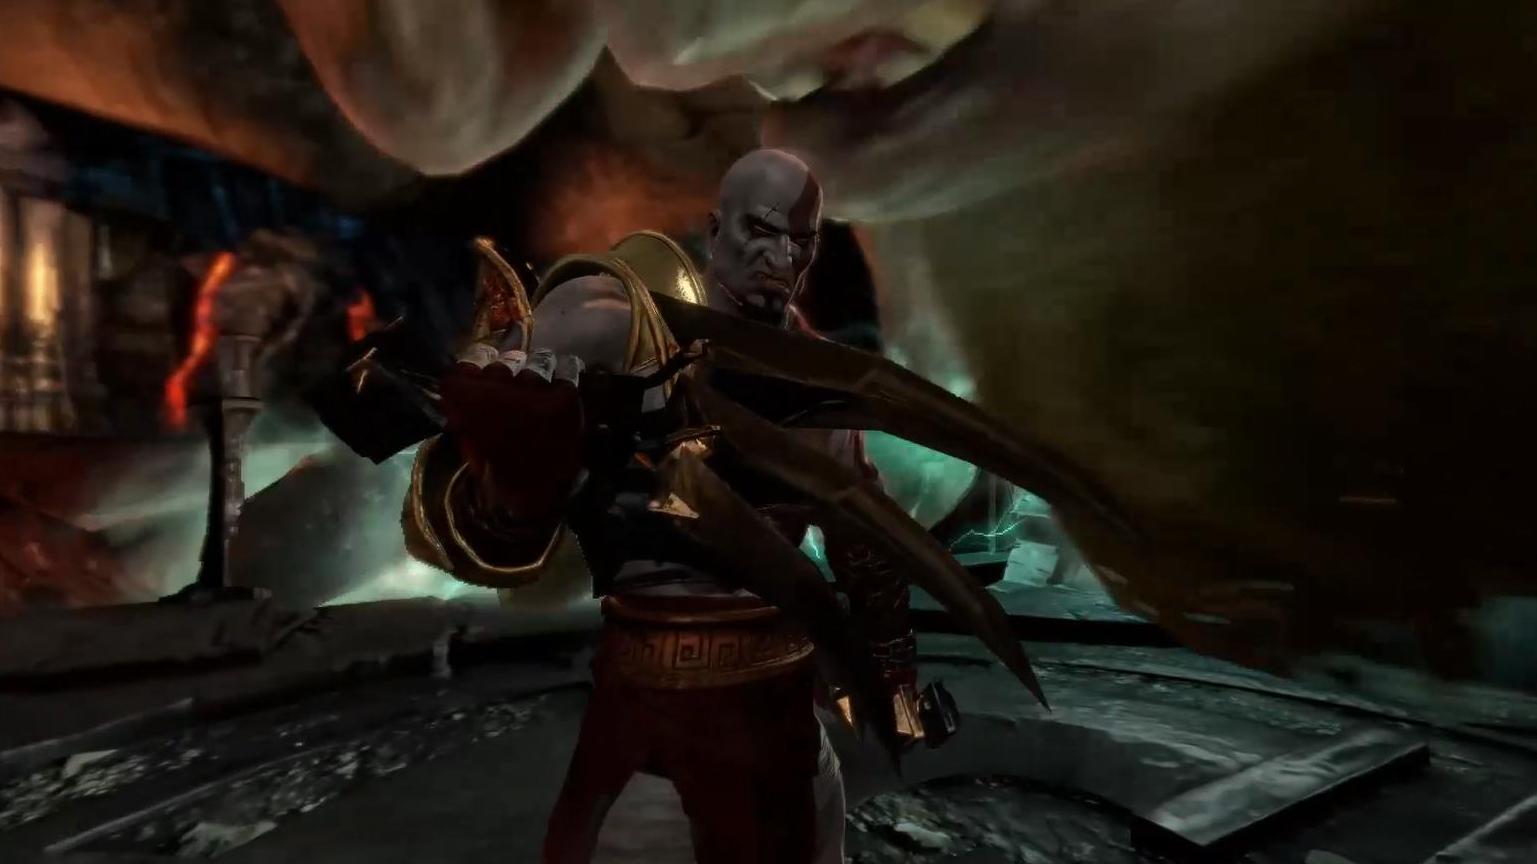 【红兜帽HD】《战神3重制版》泰坦难度流程解说 第六期